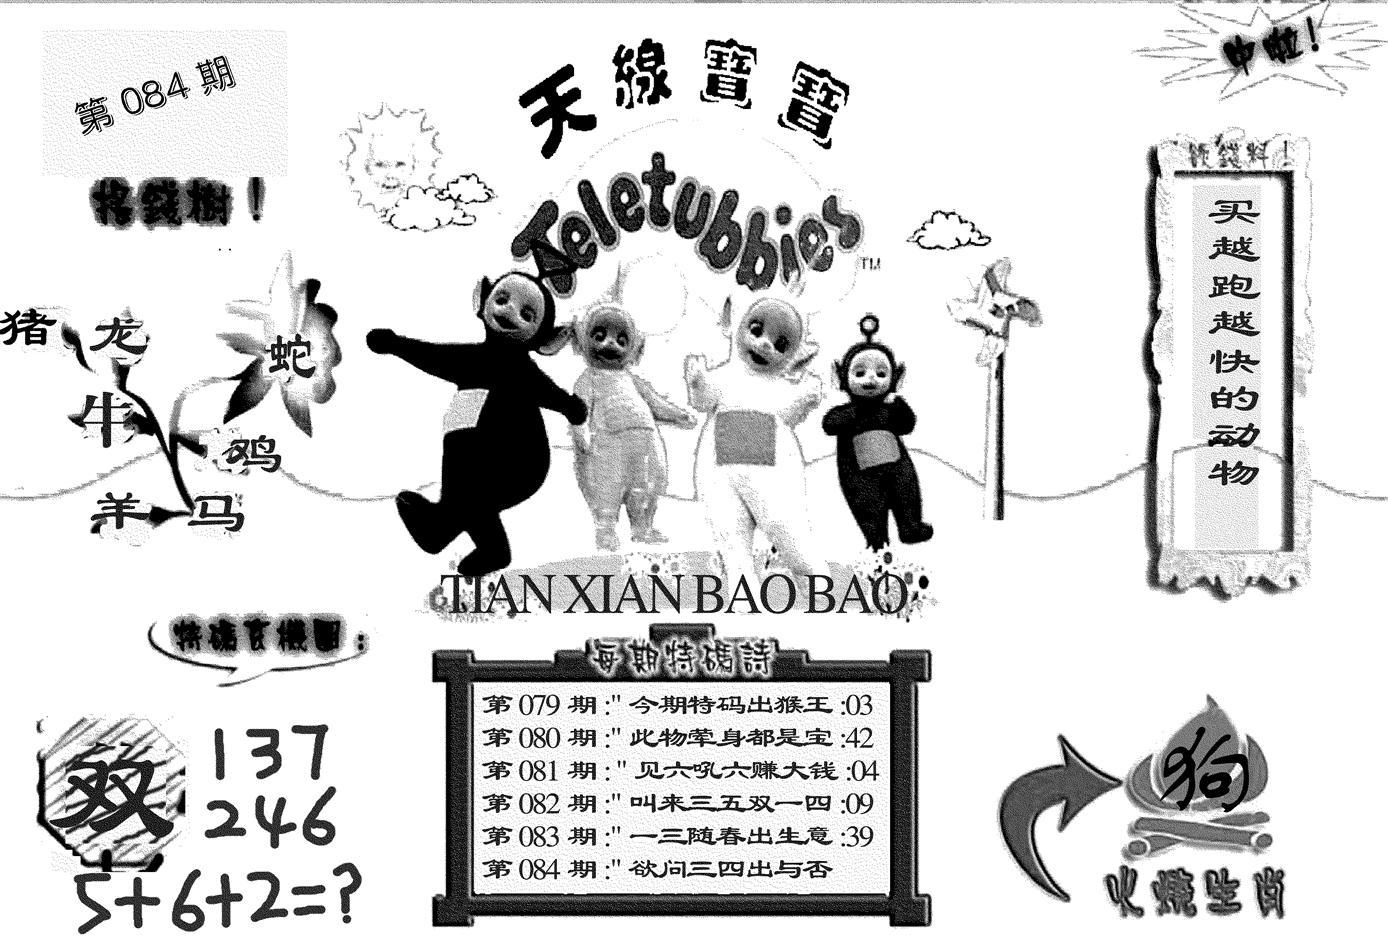 084期天线宝宝(黑白)(黑白)